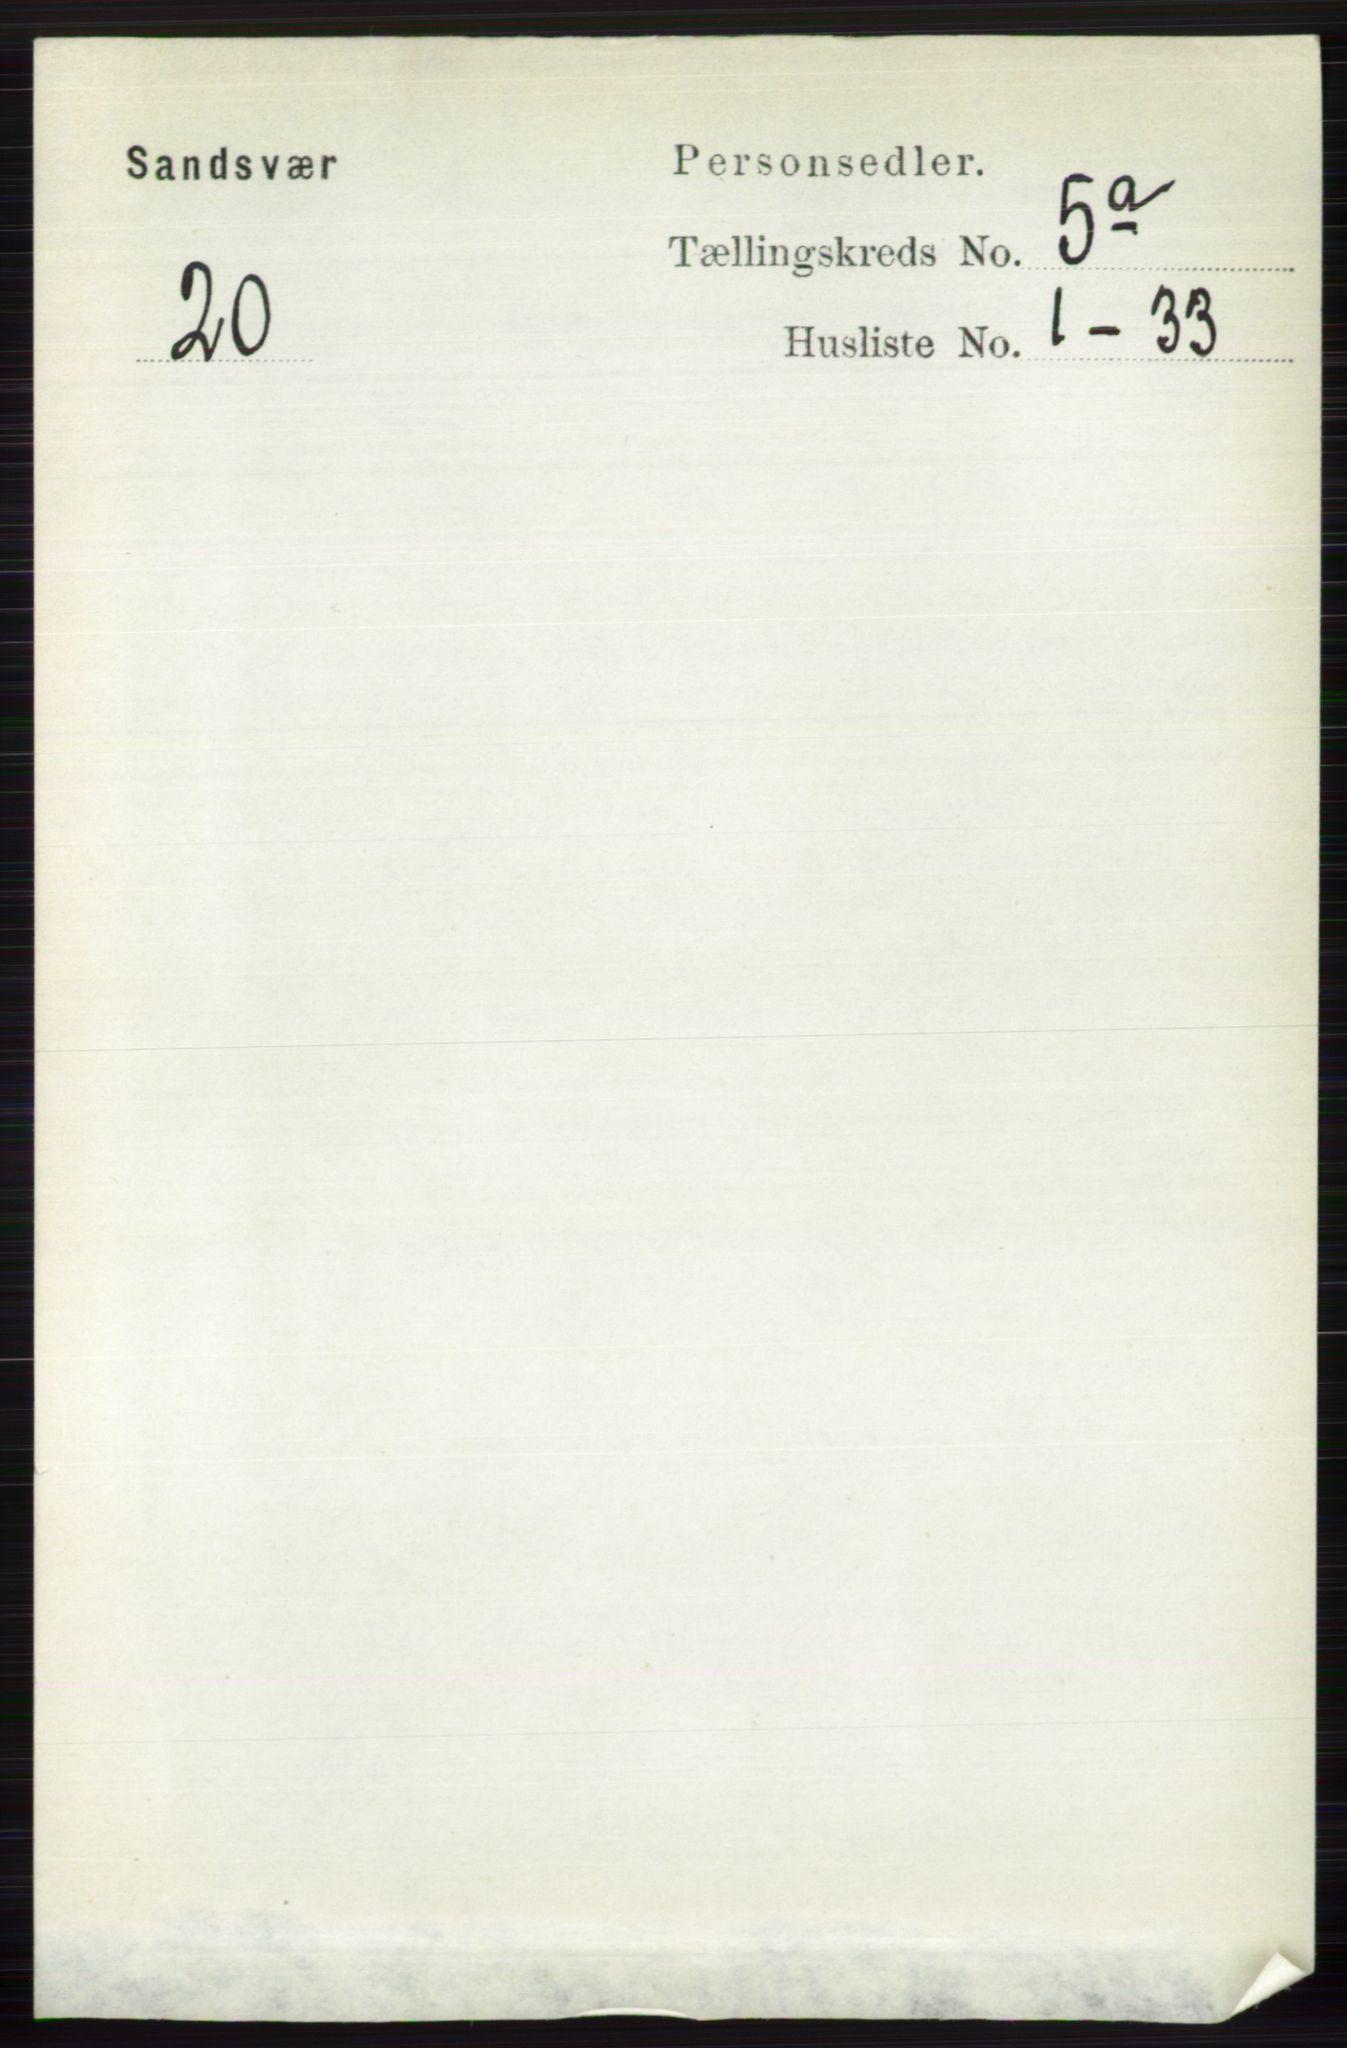 RA, Folketelling 1891 for 0629 Sandsvær herred, 1891, s. 2476